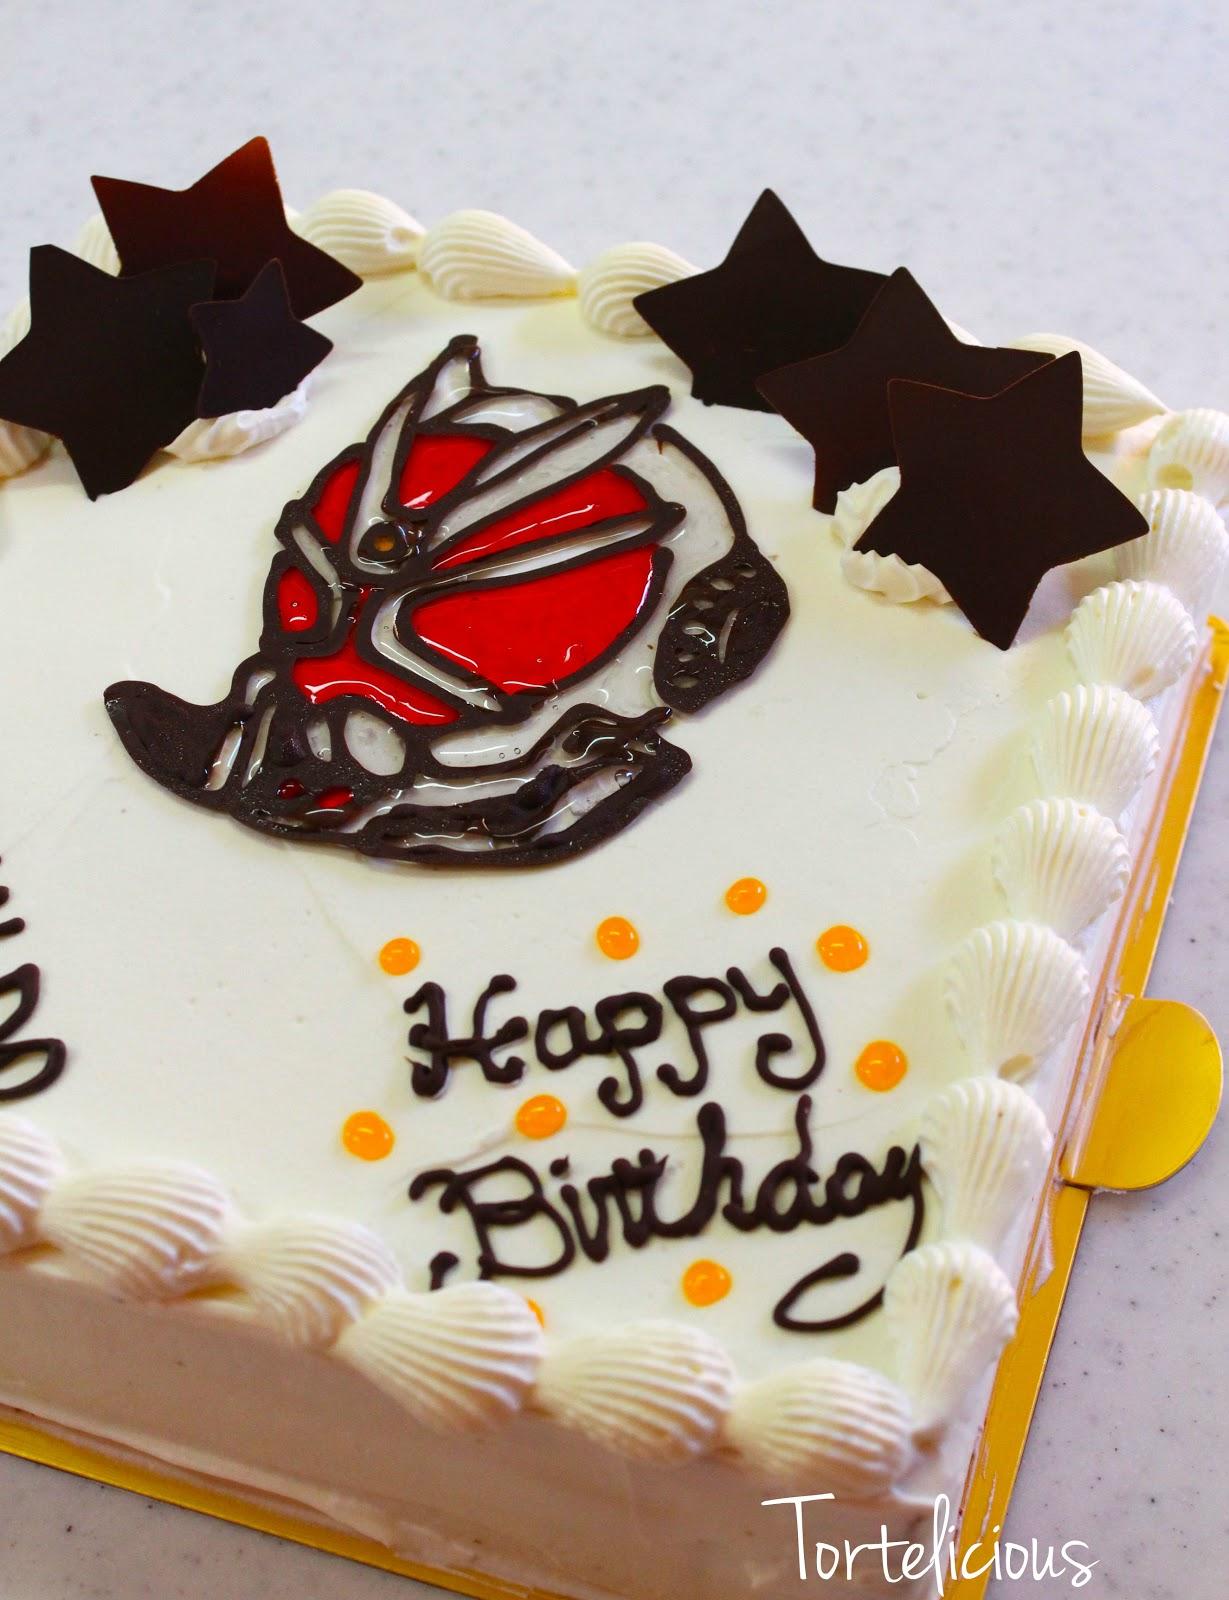 Tortelicious Kamenrider Wizard Cake